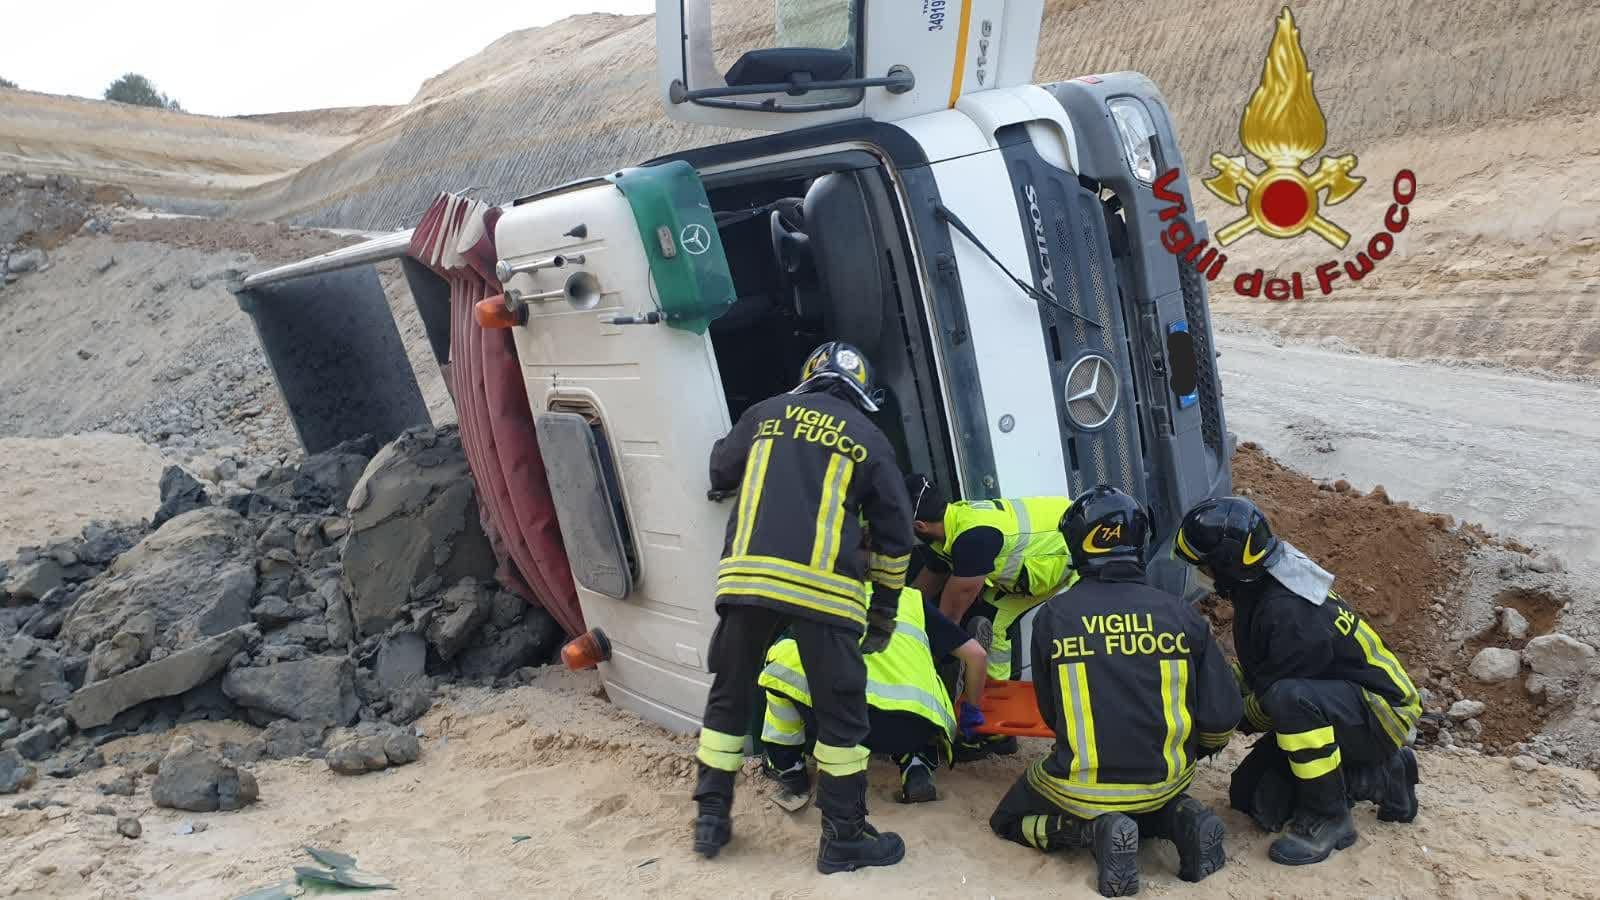 Incidente sul lavoro a Roma: camion si ribalta in un cantiere. E' grave il conducente 1